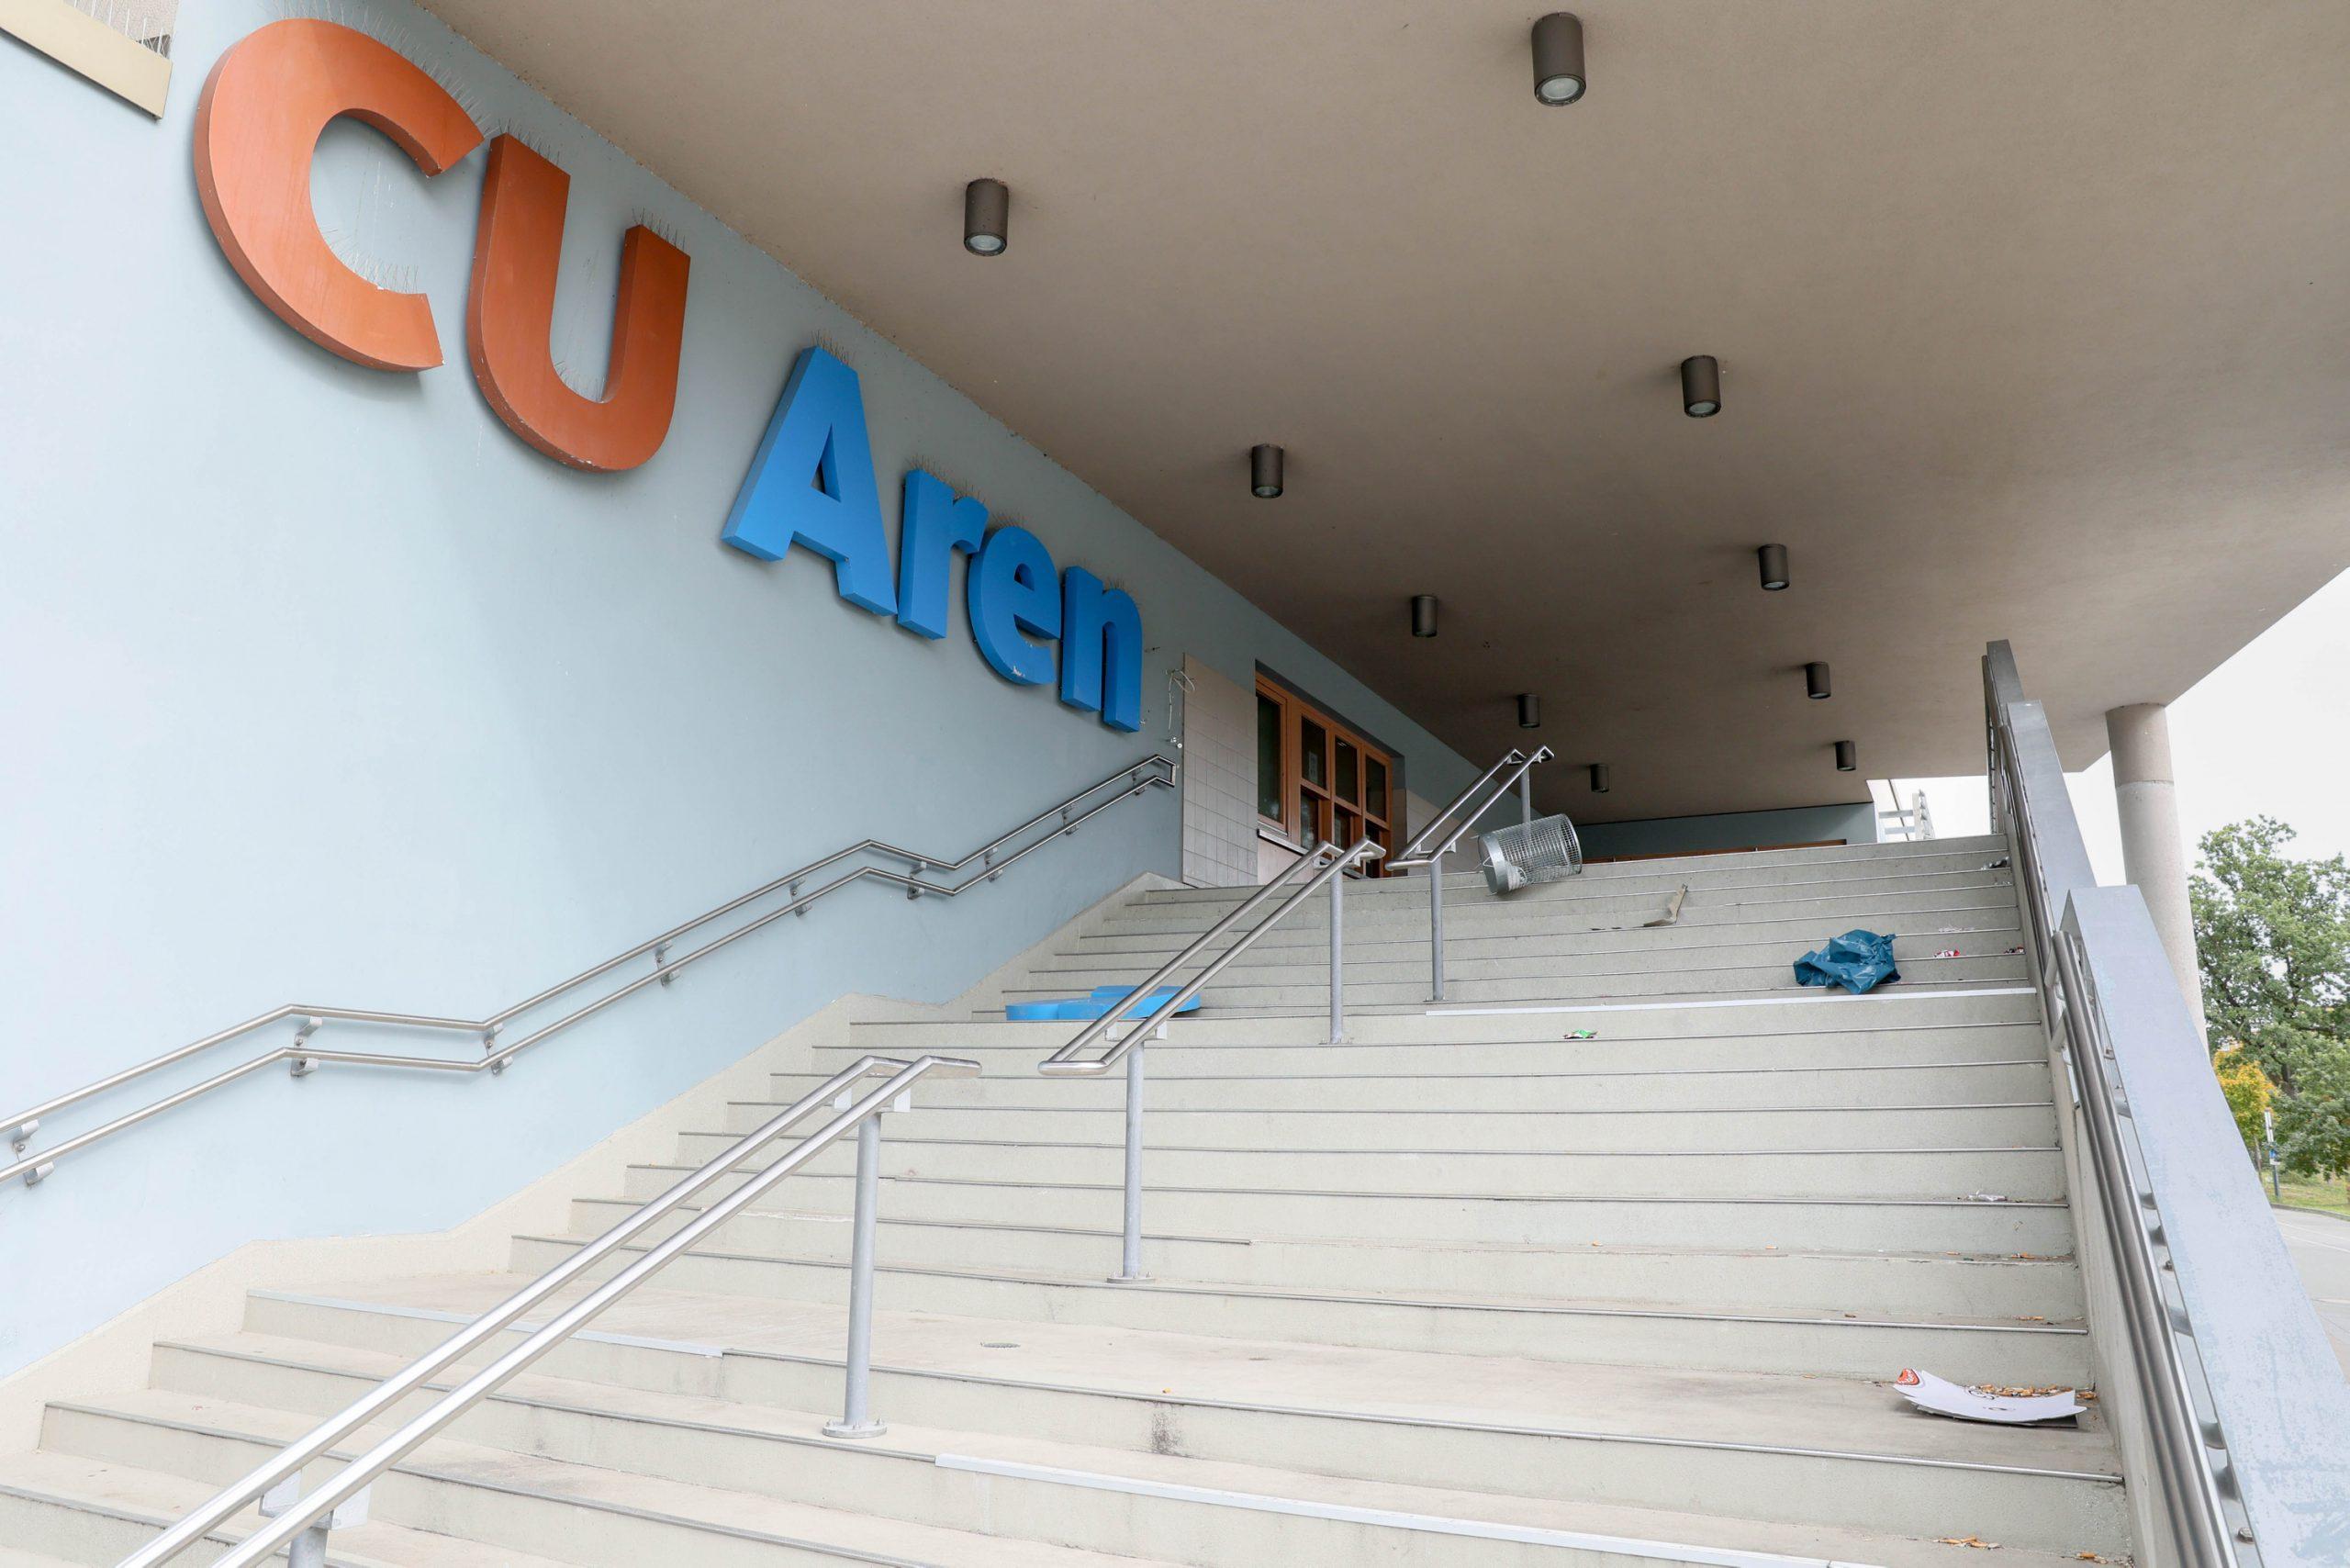 Eingang de CU-Arena Neugraben